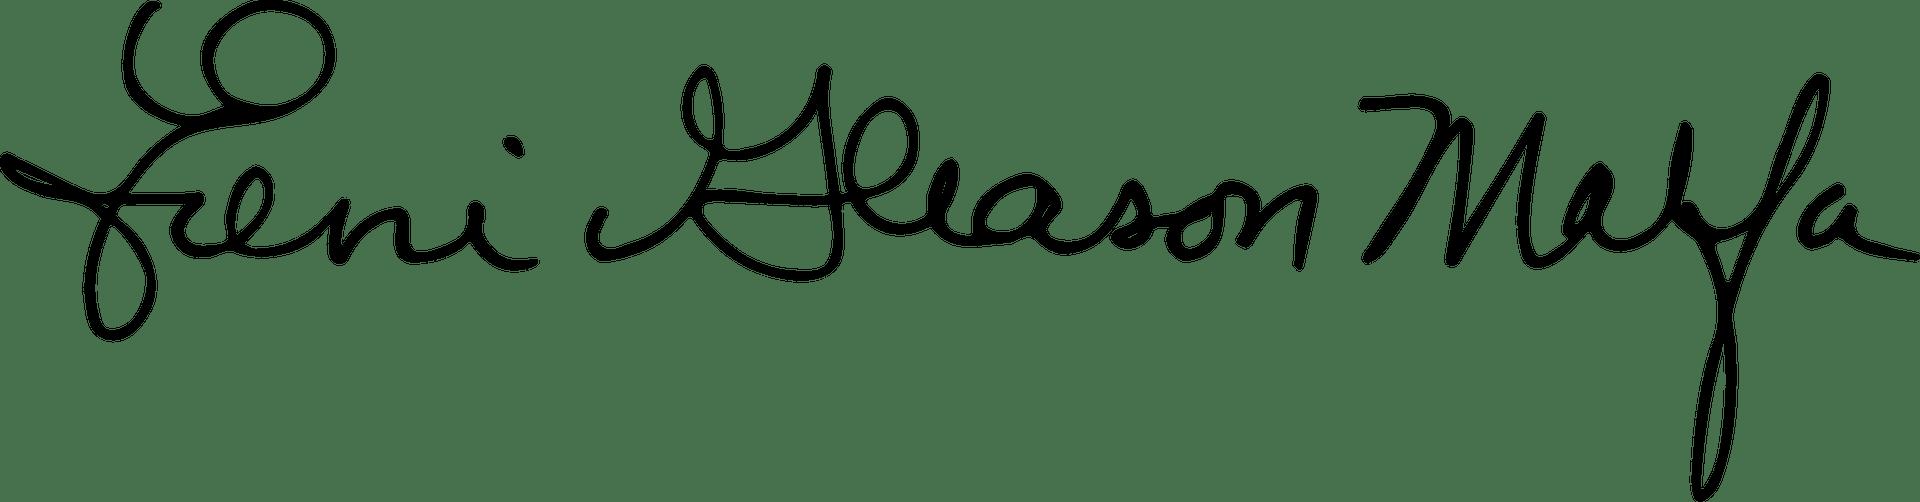 Ereni Gleason Malfa '89 Signature